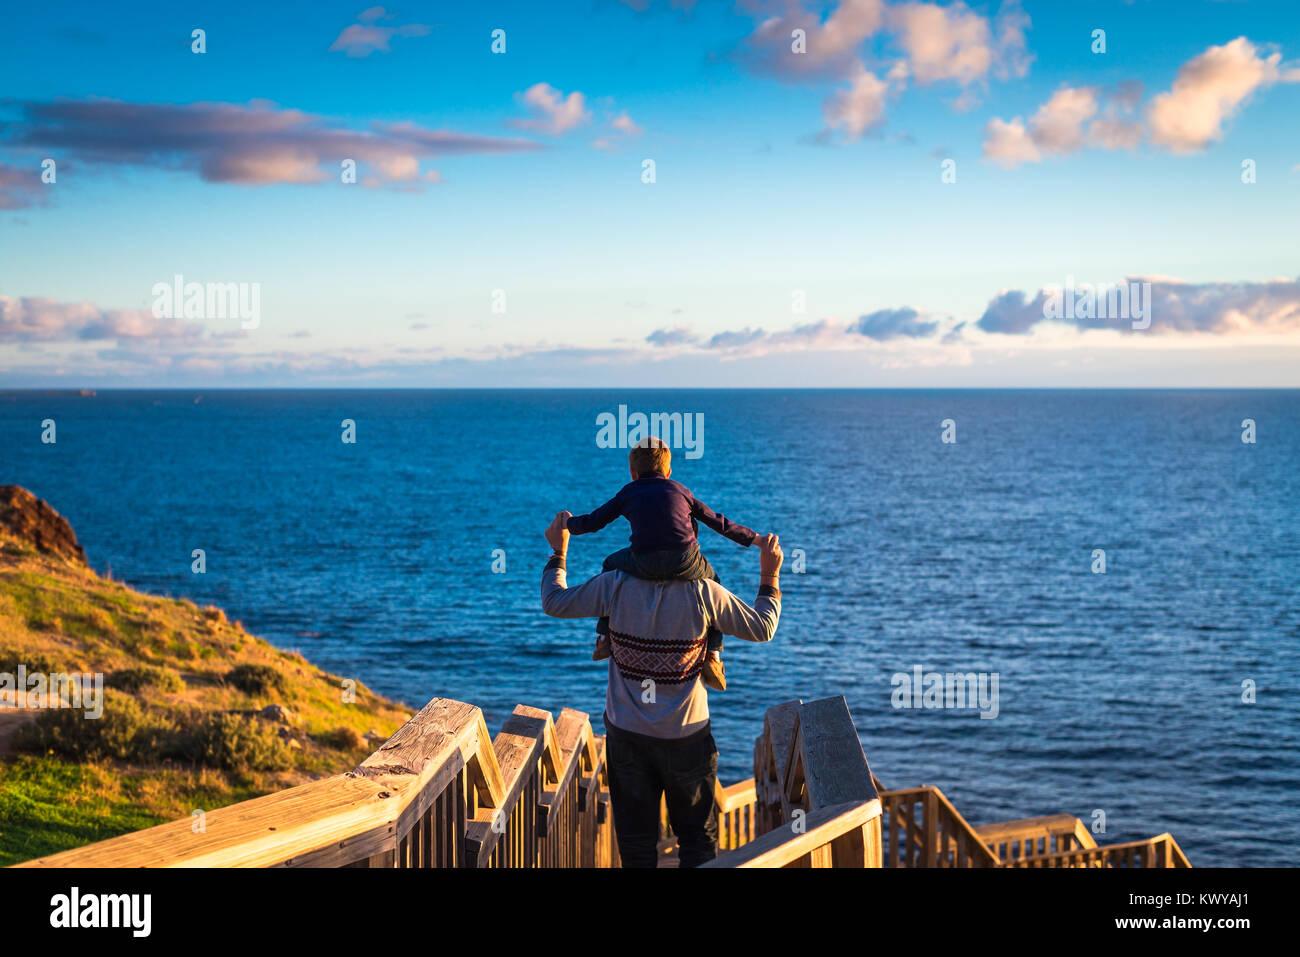 Vater seinen Sohn piggyback Ride an Hallett Cove Promenade und genießen Sie den Sonnenuntergang, South Australia Stockbild